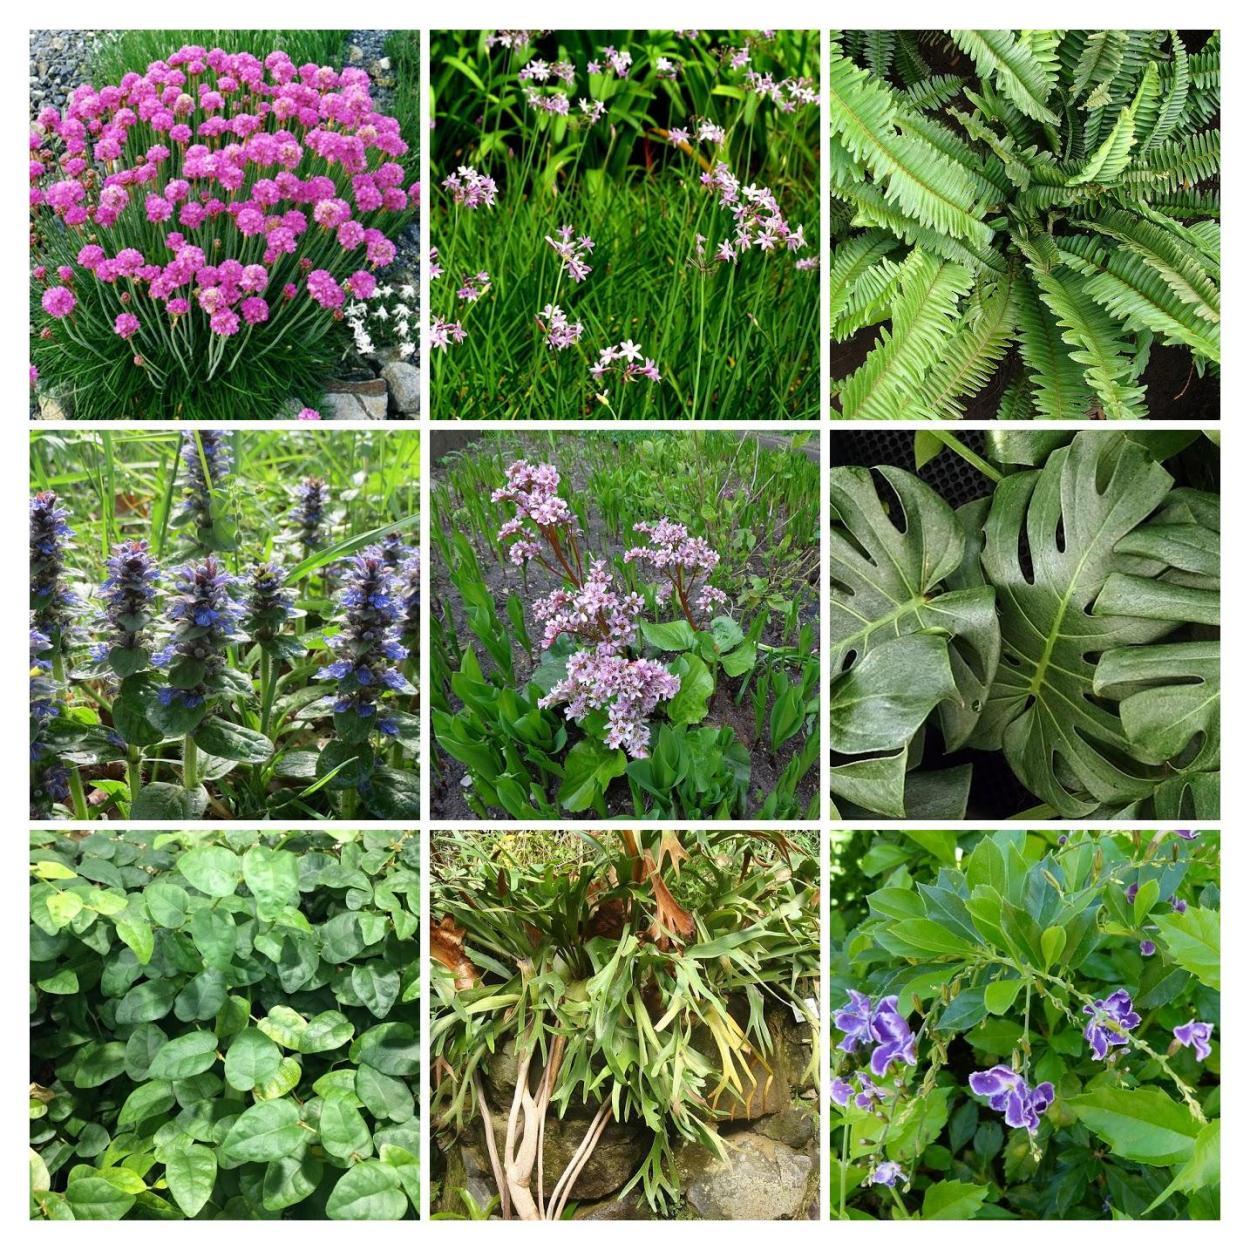 Las 10 especies que mejor funcionan en jardines verticales for Caracteristicas de los jardines verticales